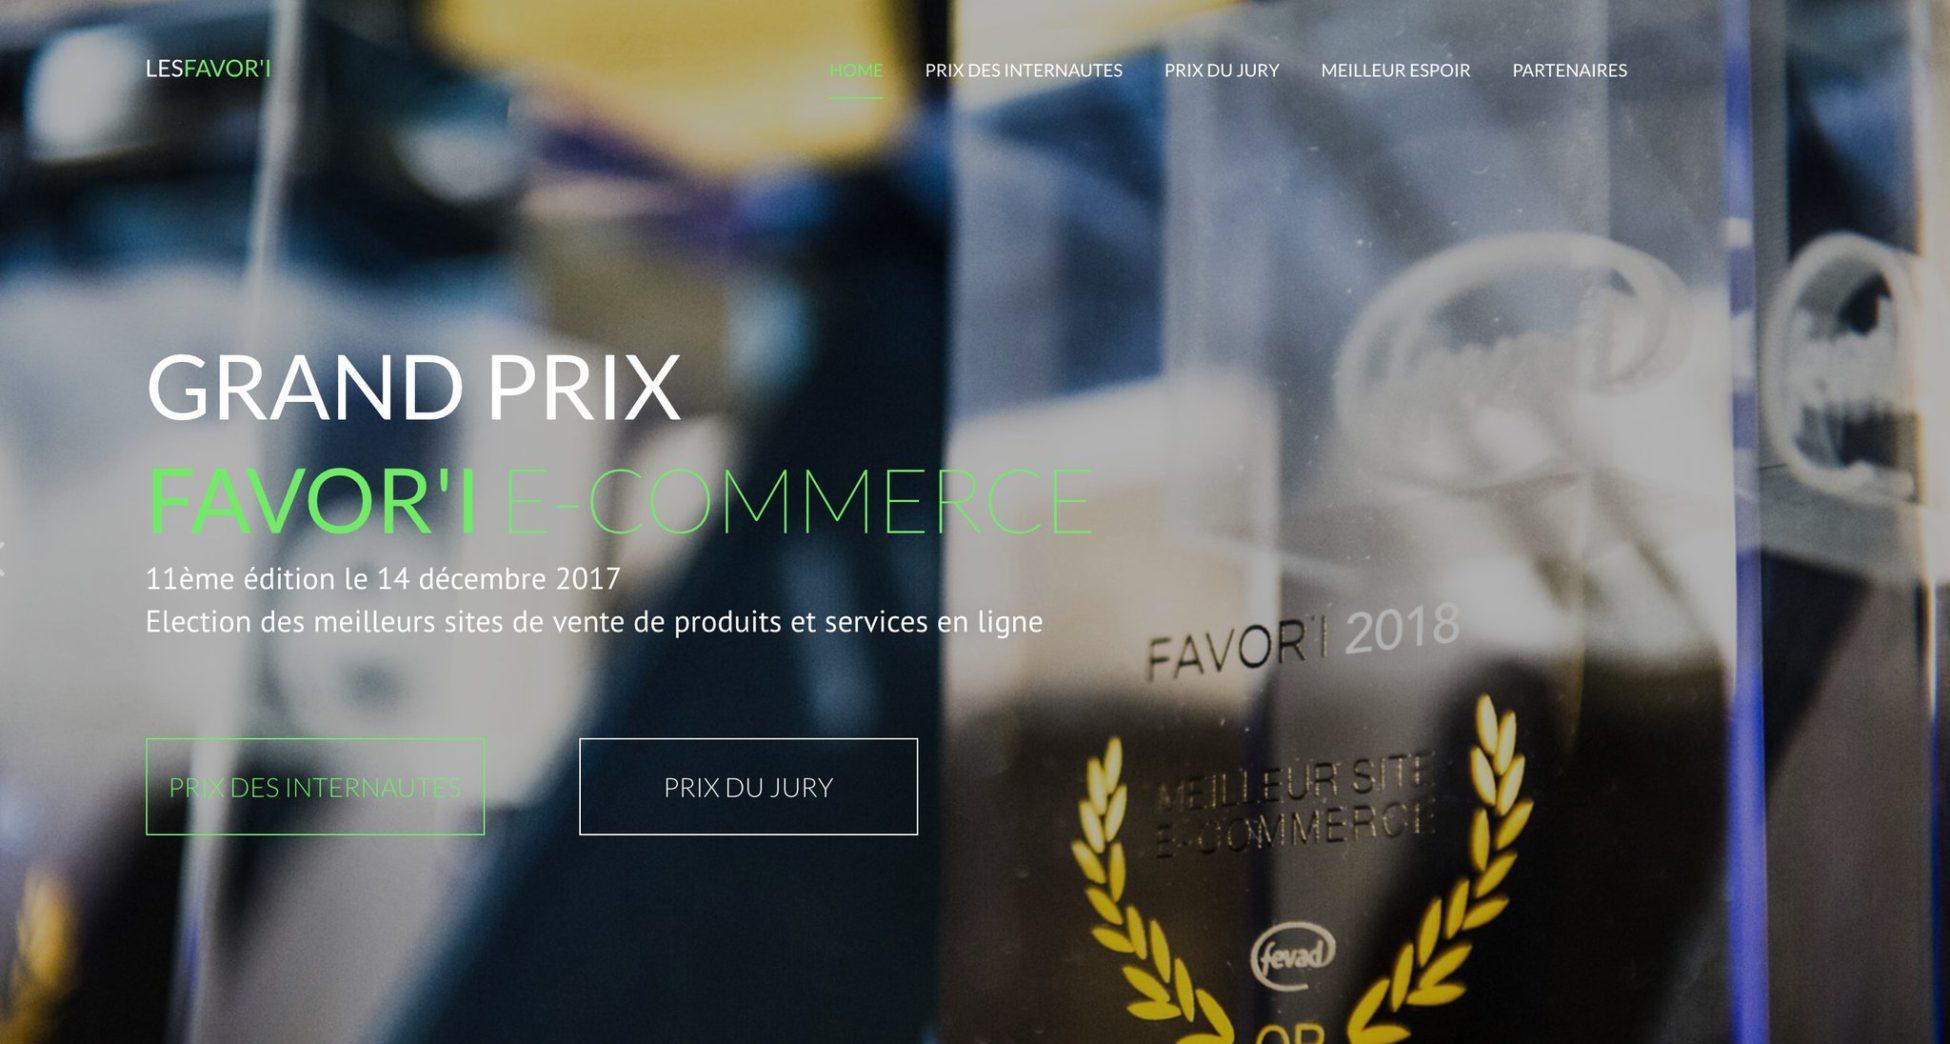 d4a1037c94c 11e édition du Grand prix favori E-Commerce 2018 - Web18 création de ...